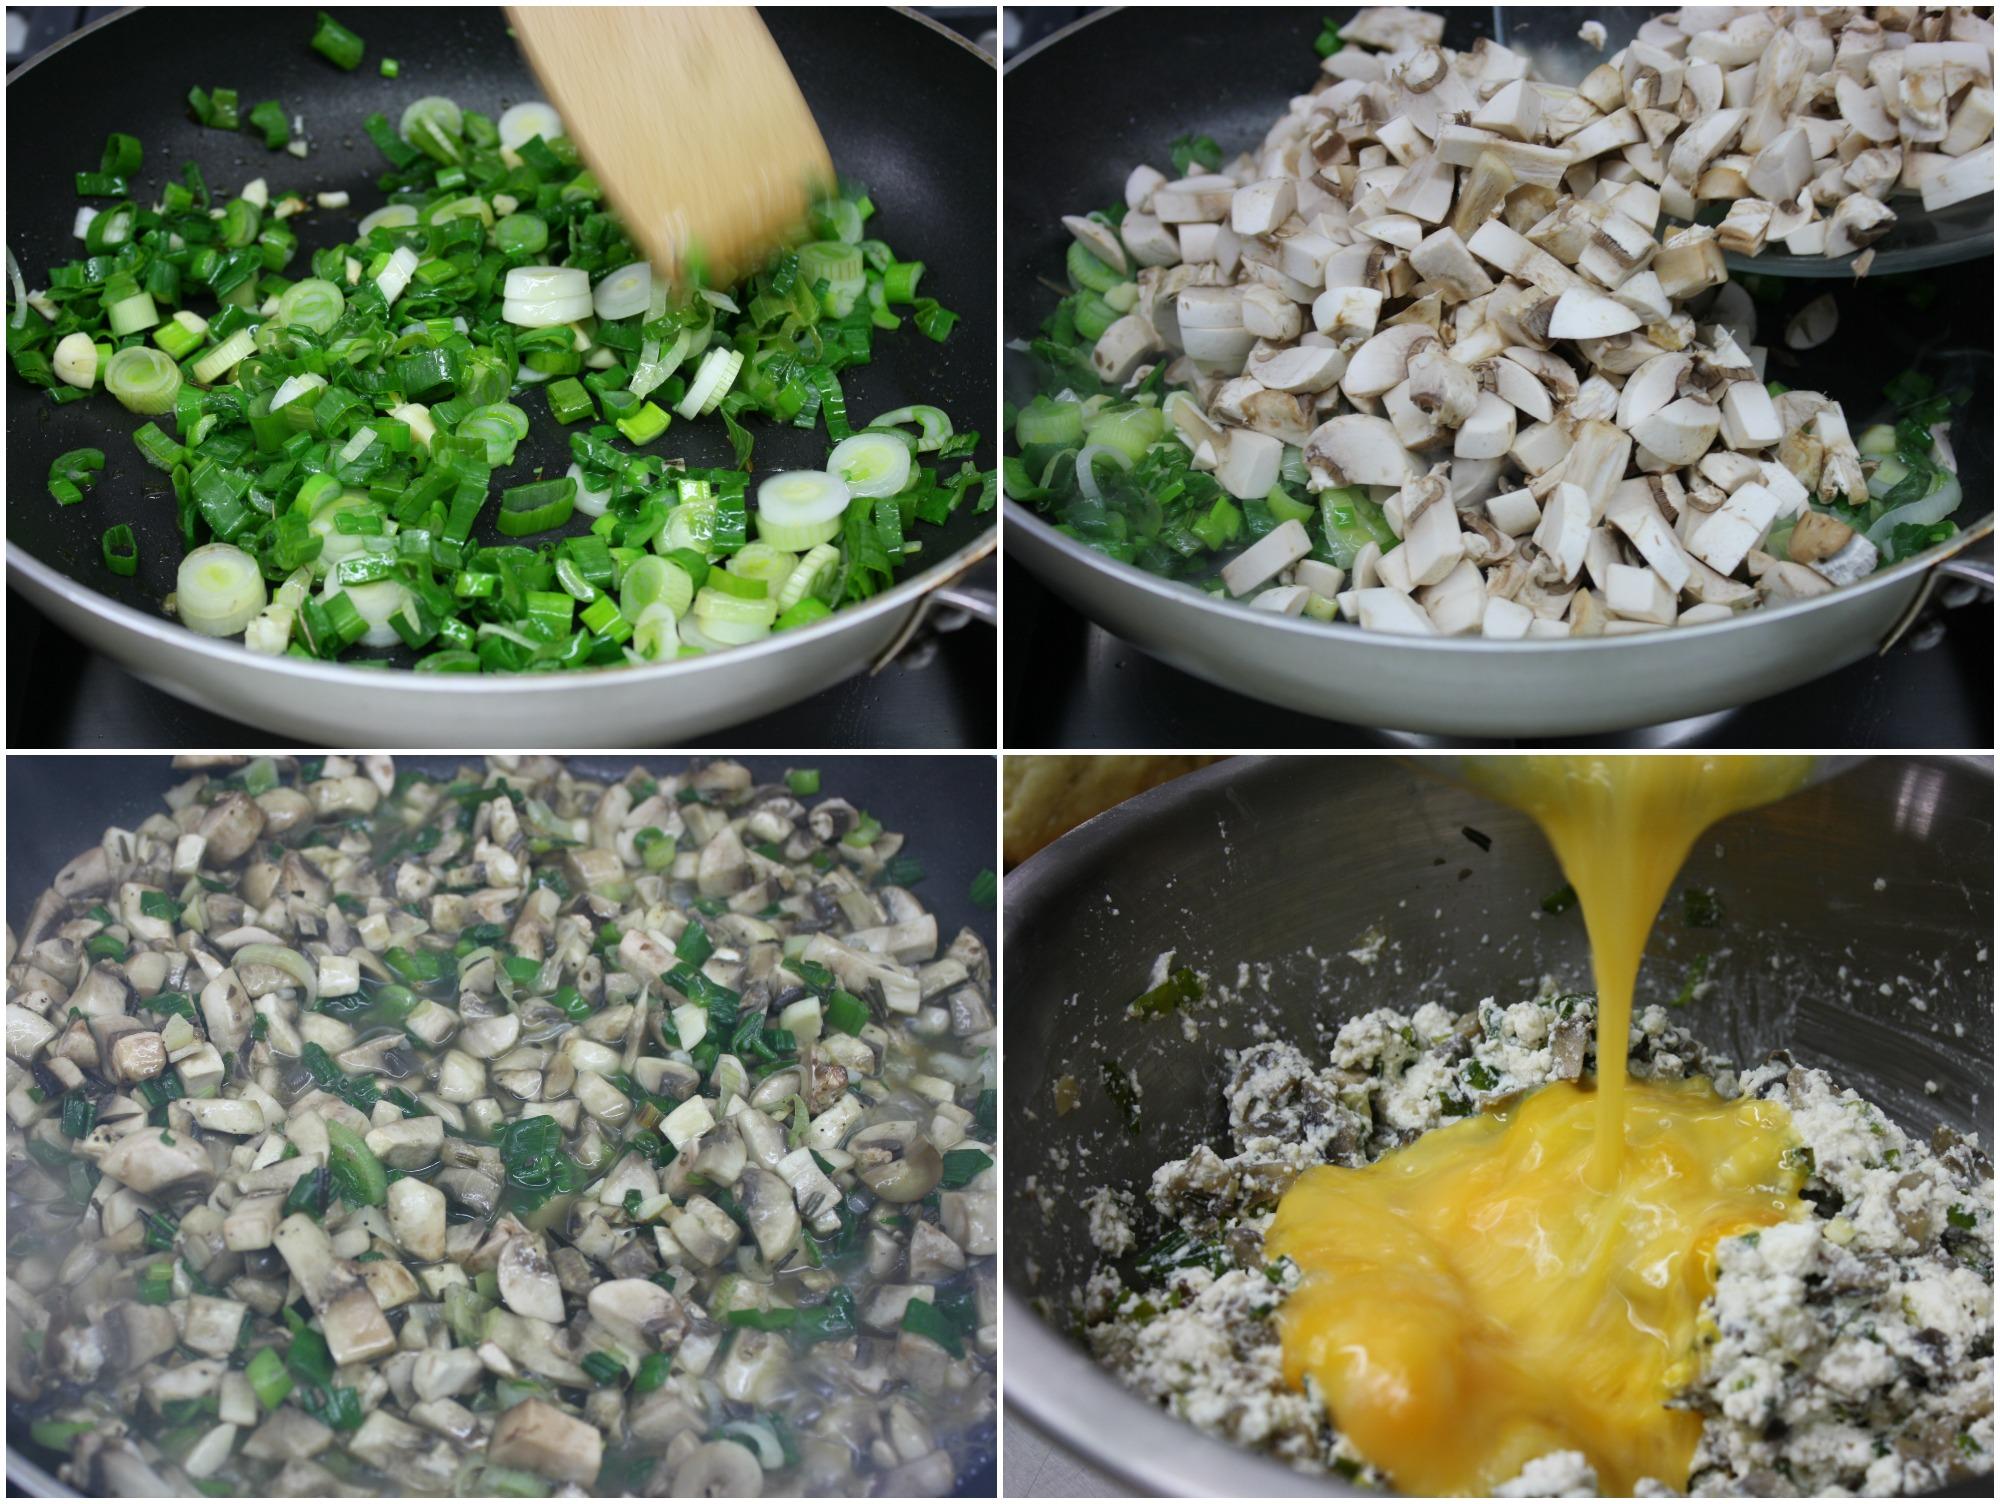 γέμιση για μανιταροπιτάκια με σκόρδο και δεντρολίβανο